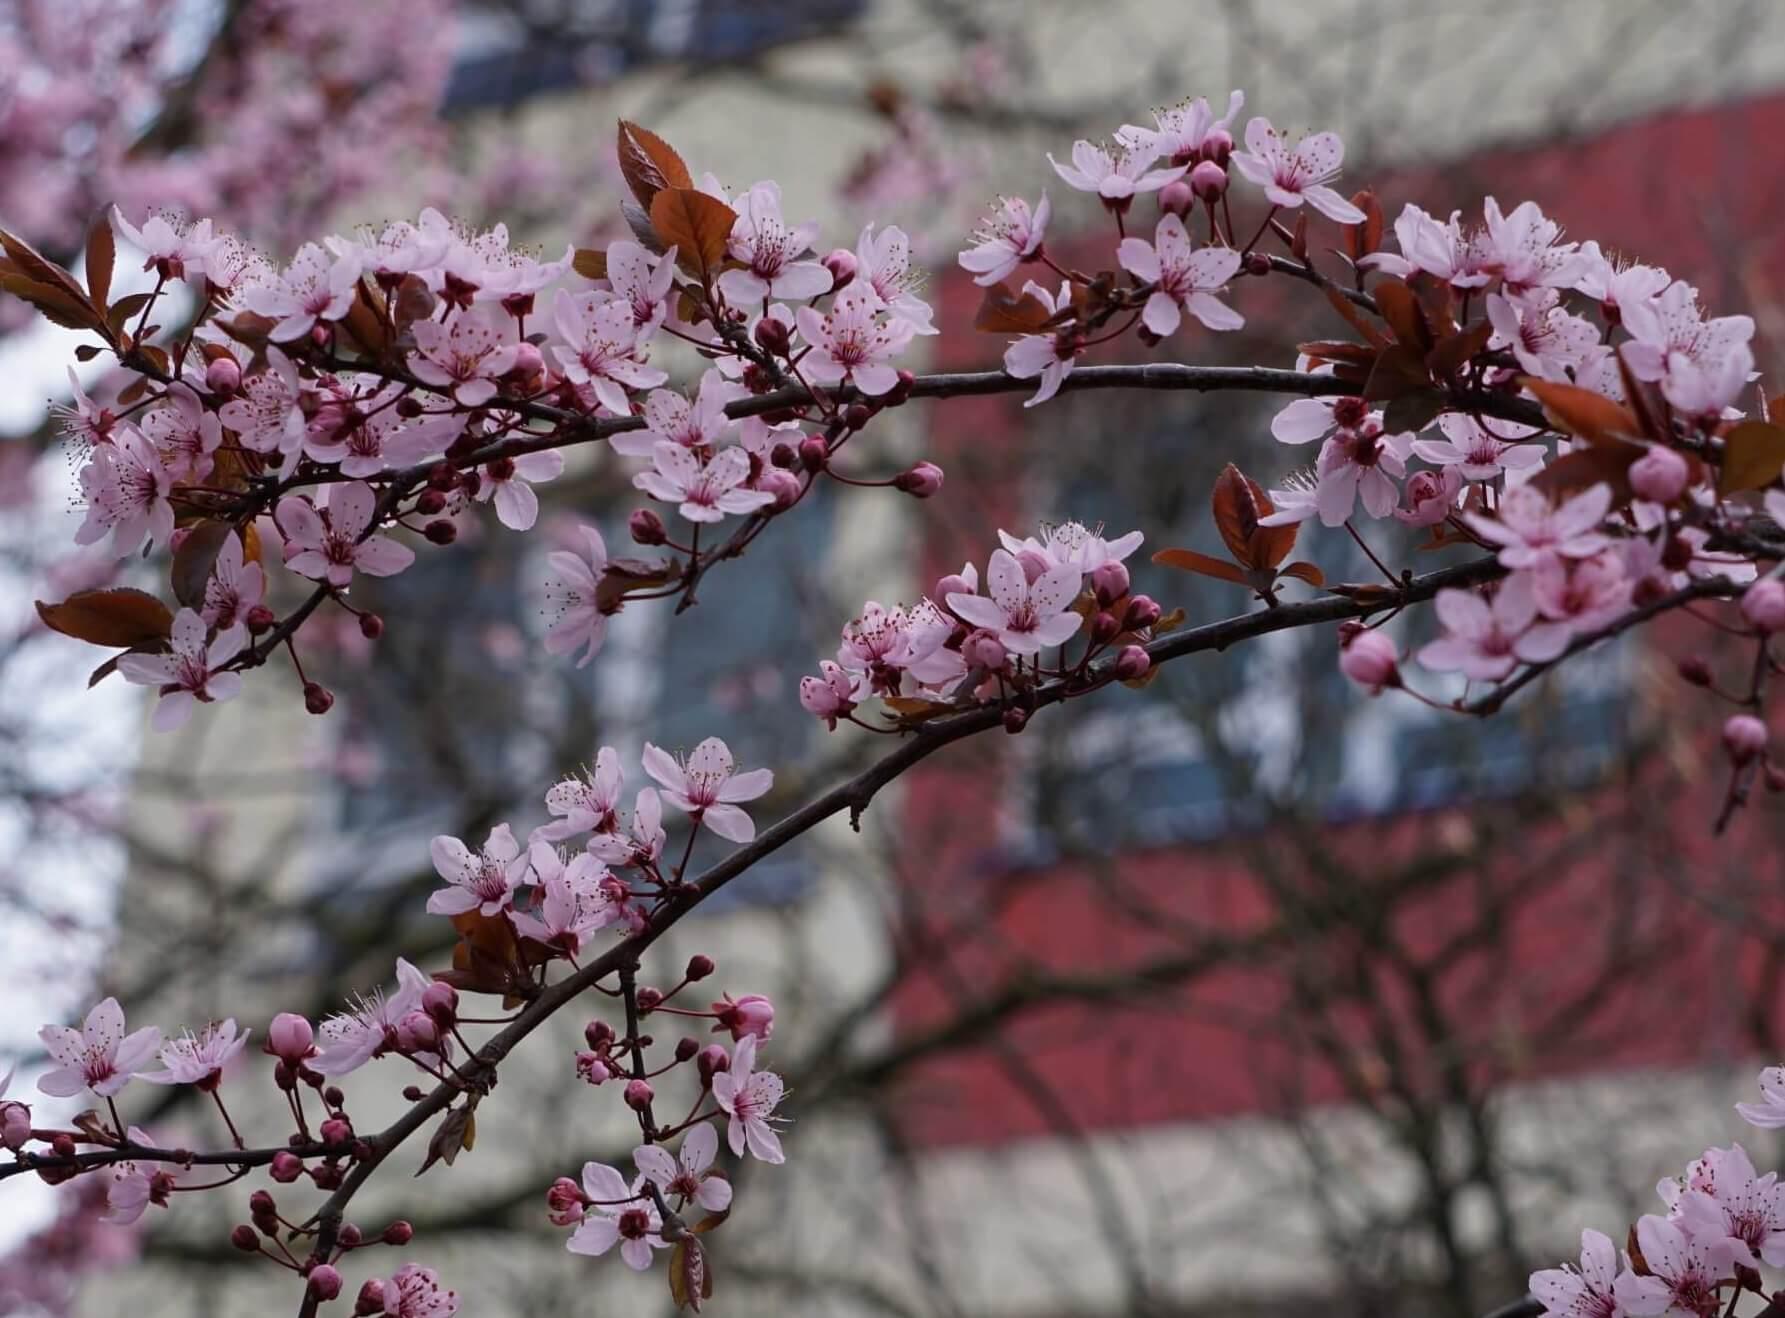 Das Bild zeigt die weiß-rosafarbenen Blüten einer Japanischen Zierkirsche mit einfachen Blüten, hier im März 2020 vor dem Anne-Frank-Gymnasium im Kosmosviertel.